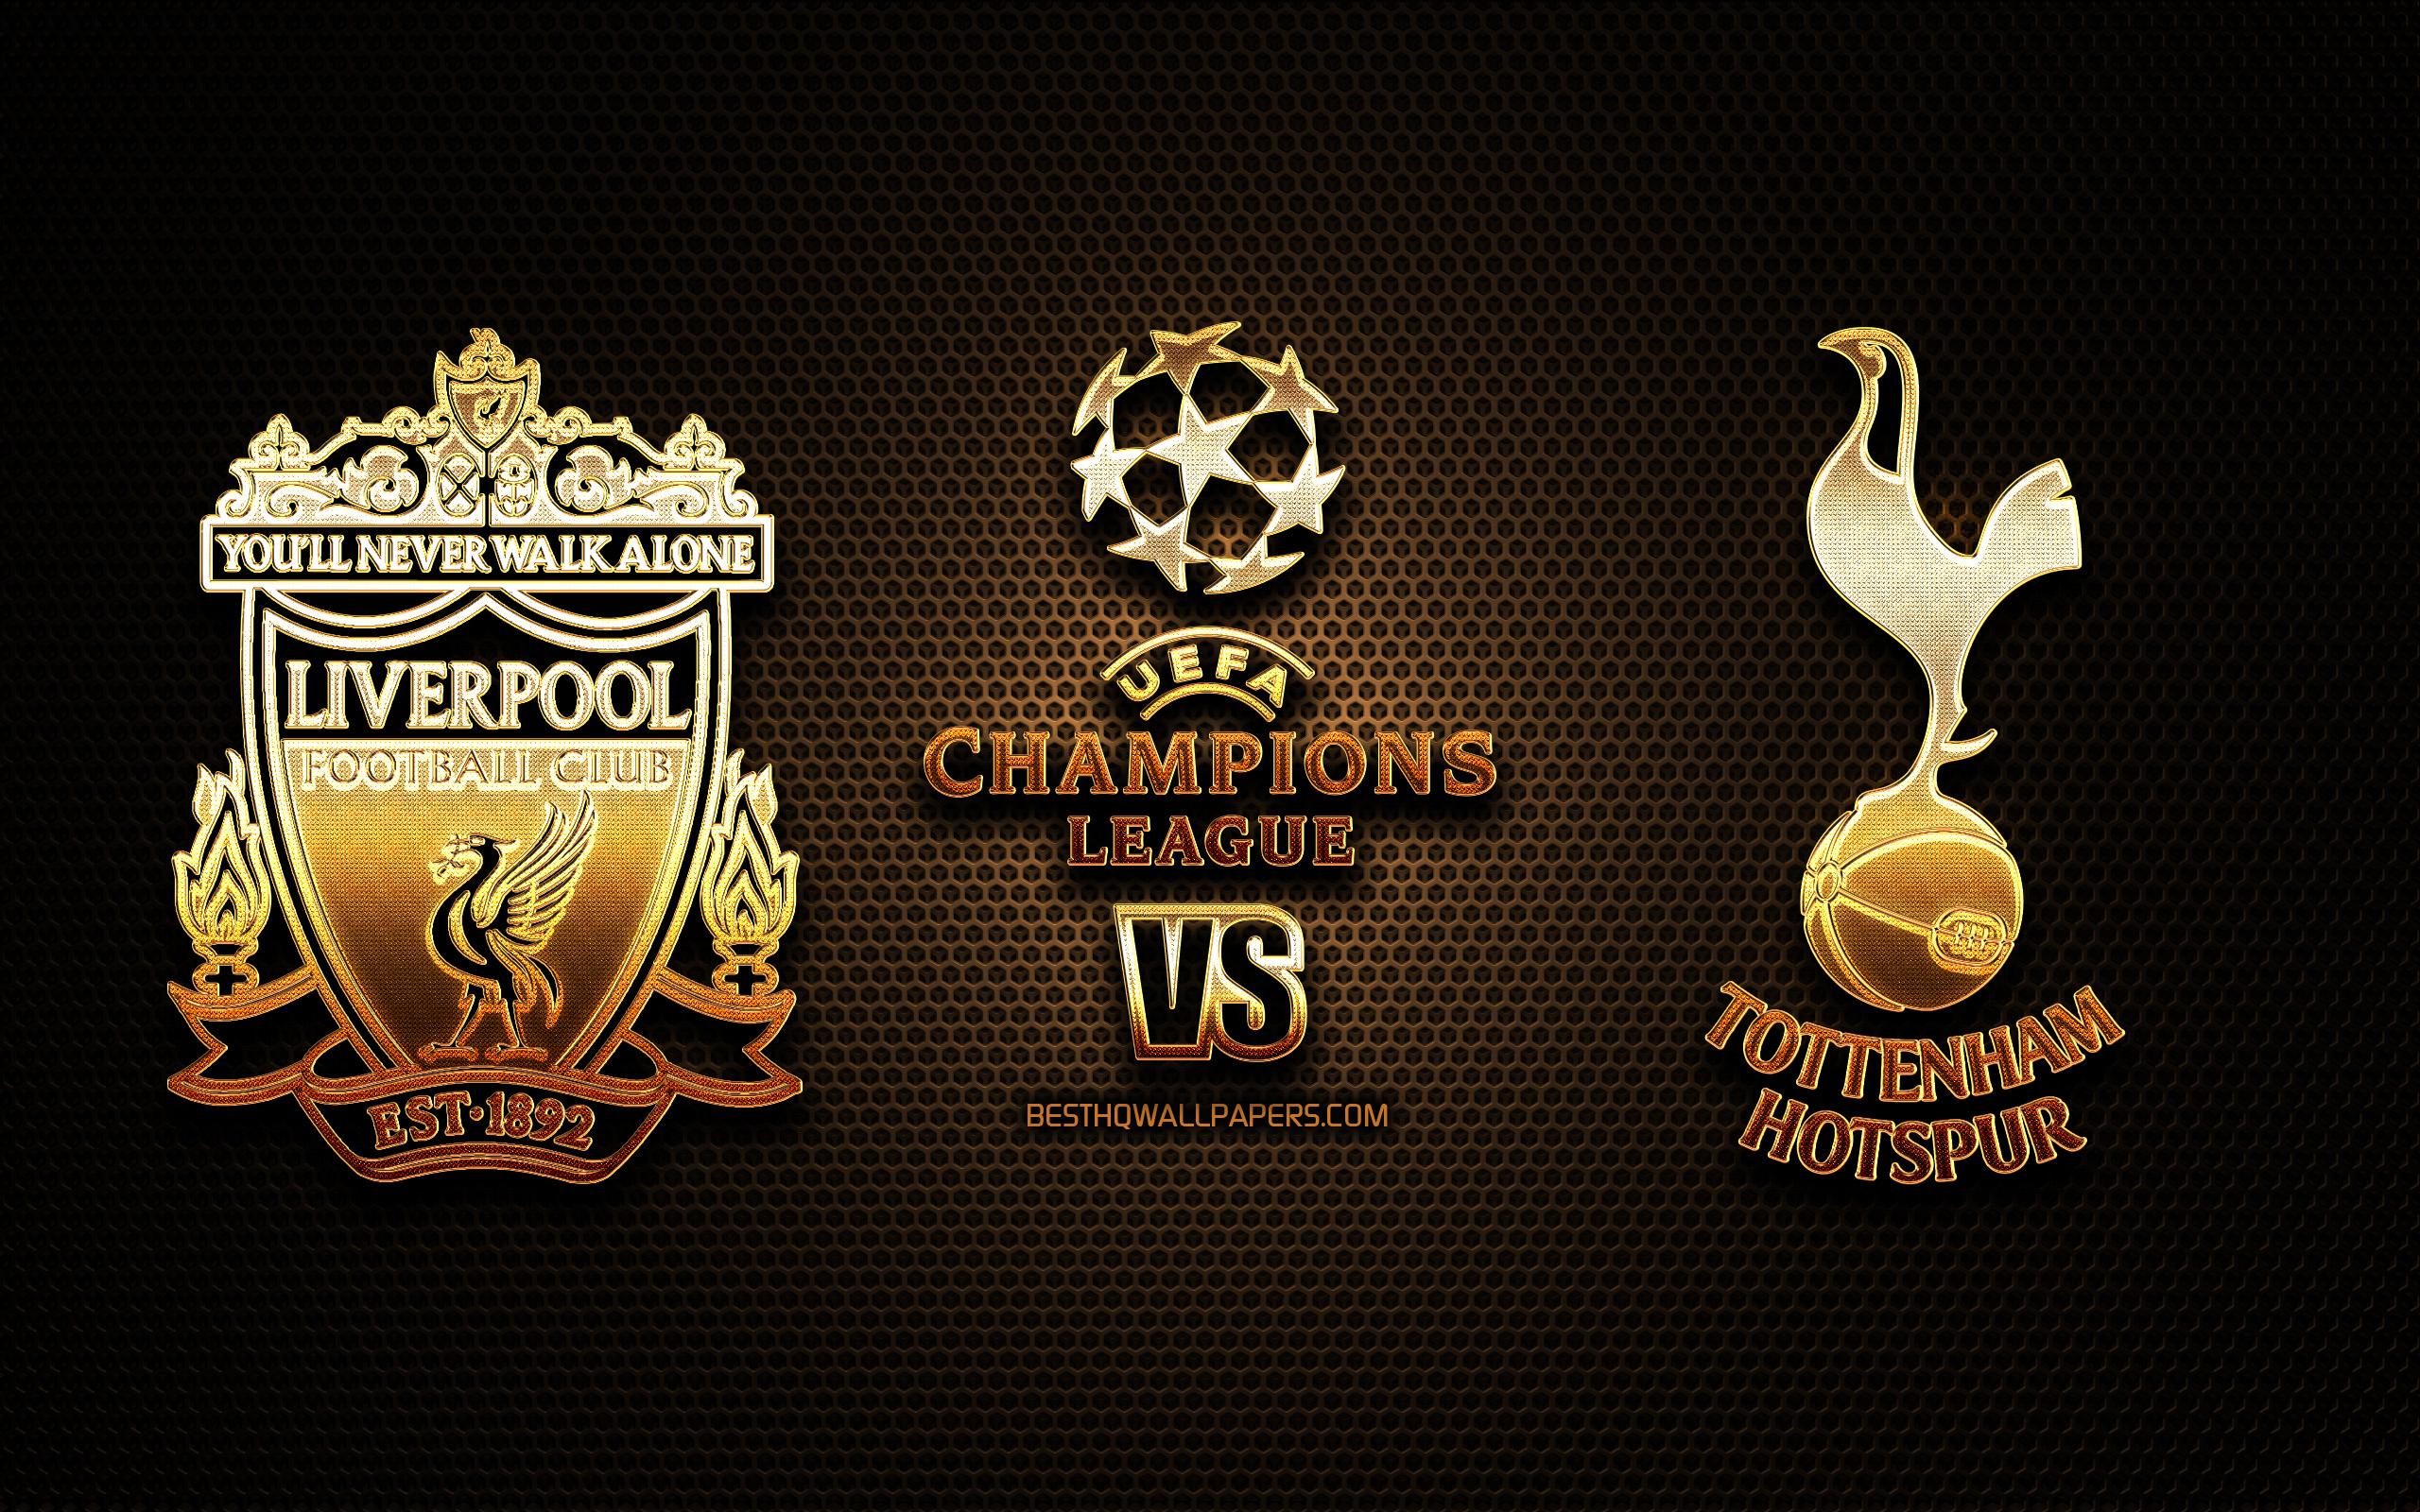 Download wallpapers Tottenham vs Liverpool 2019 UEFA Champions 2560x1600